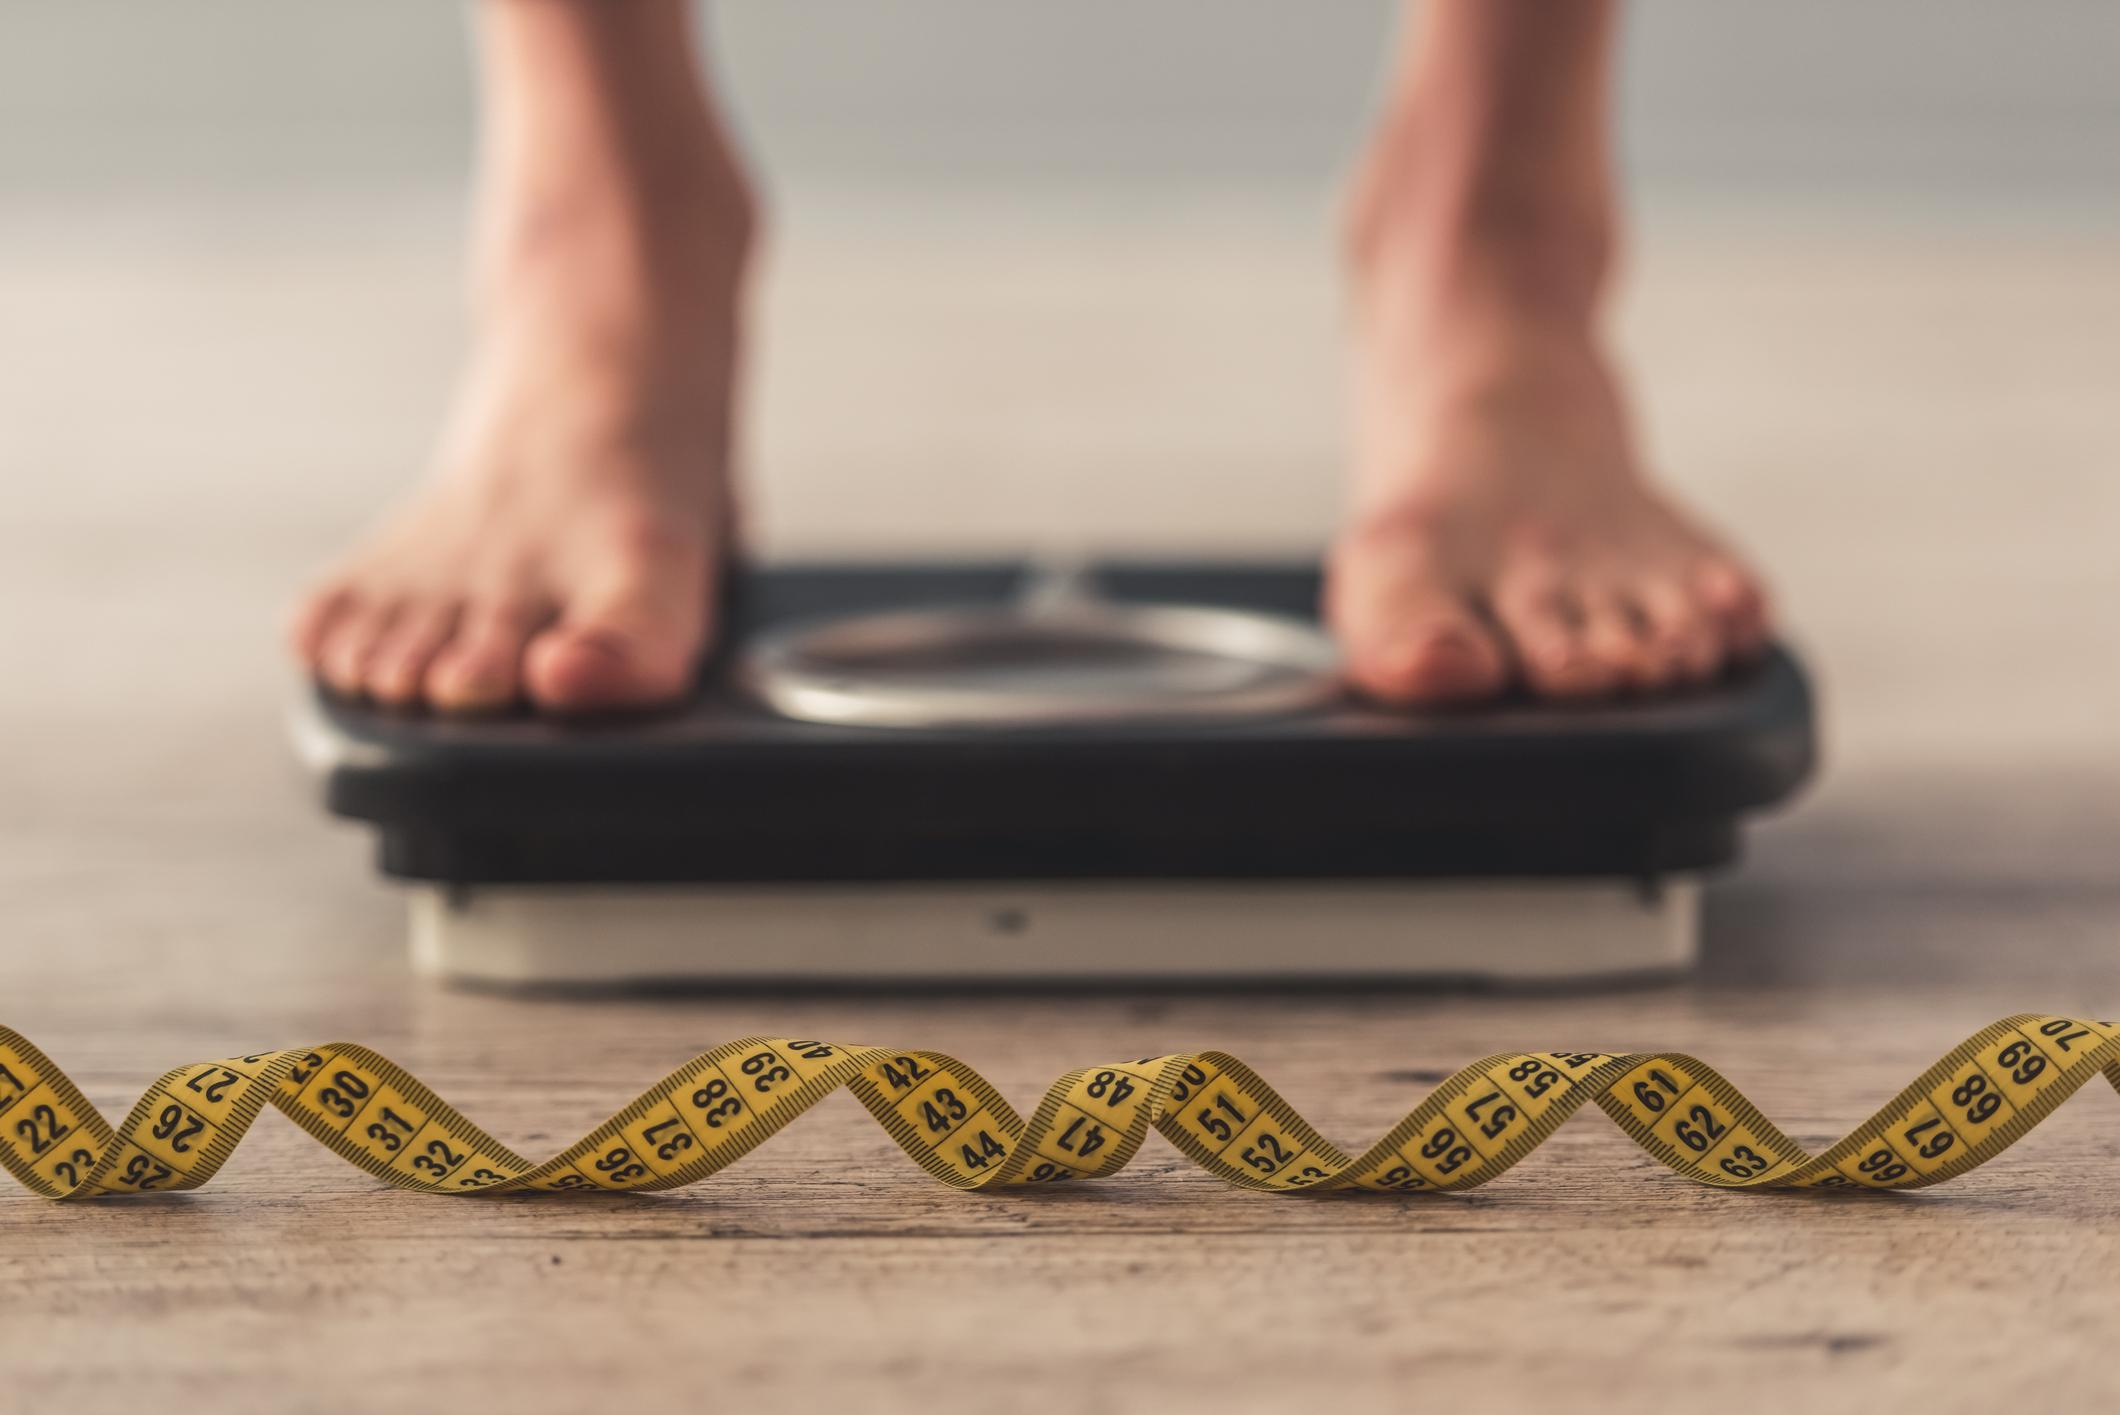 cel mai bun mod de a pierde în greutate în exces